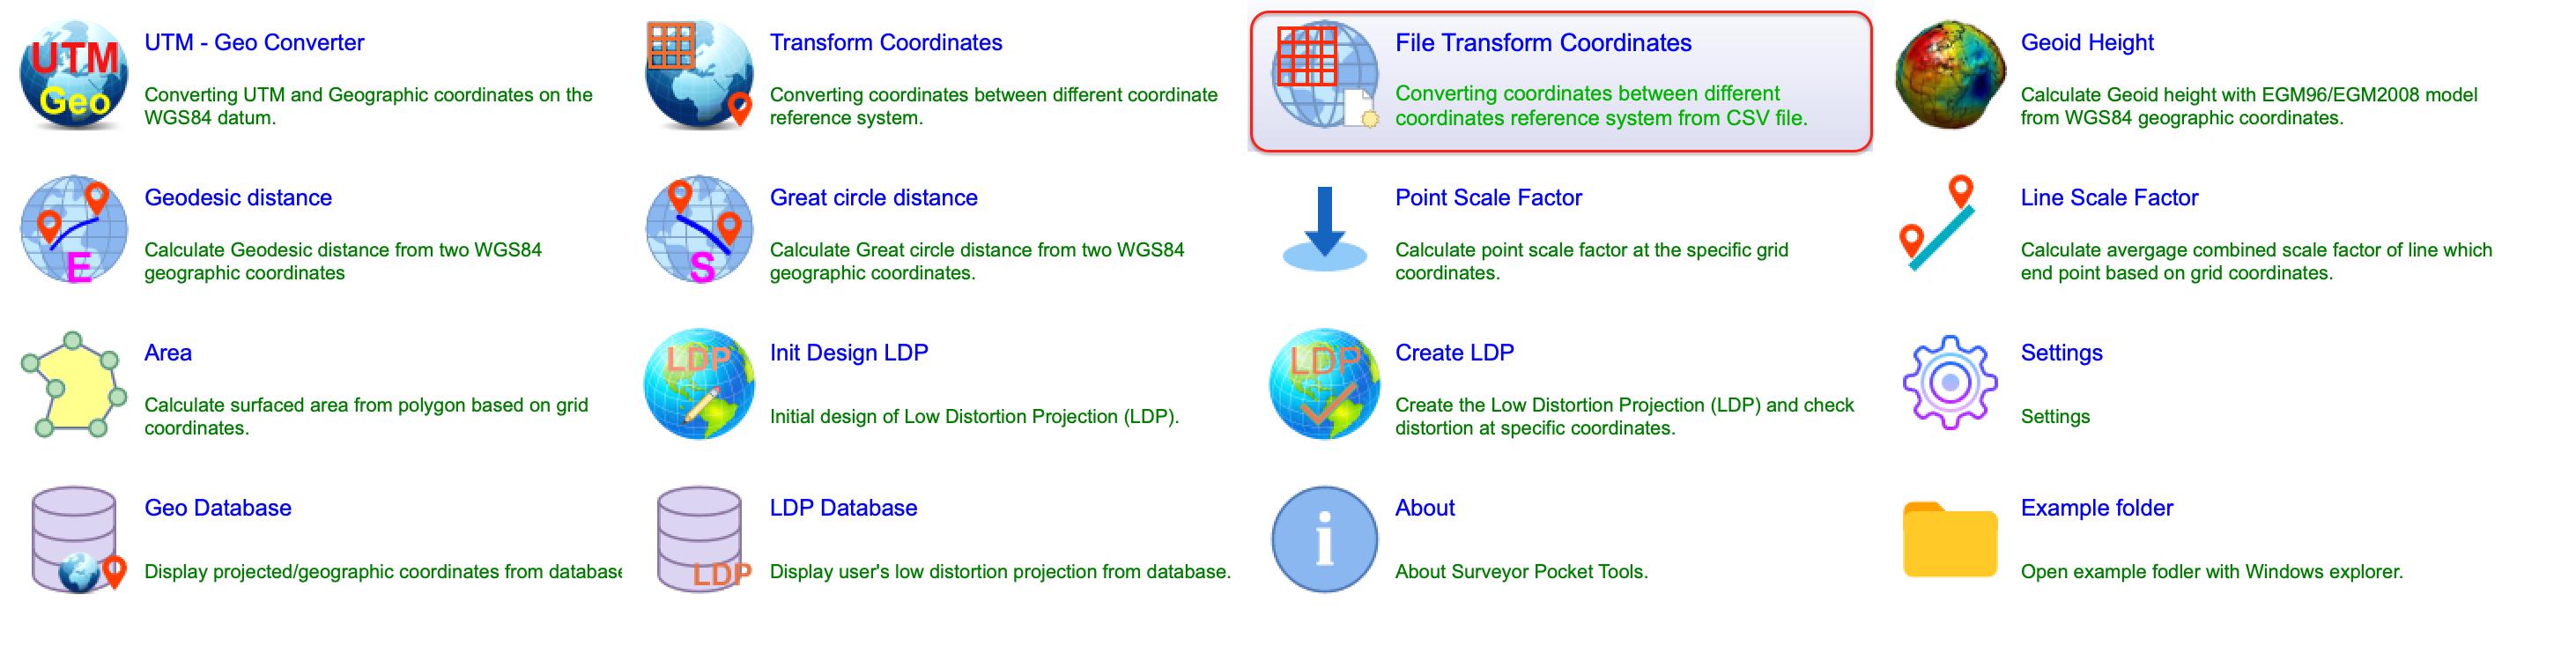 File Transform Coordinate